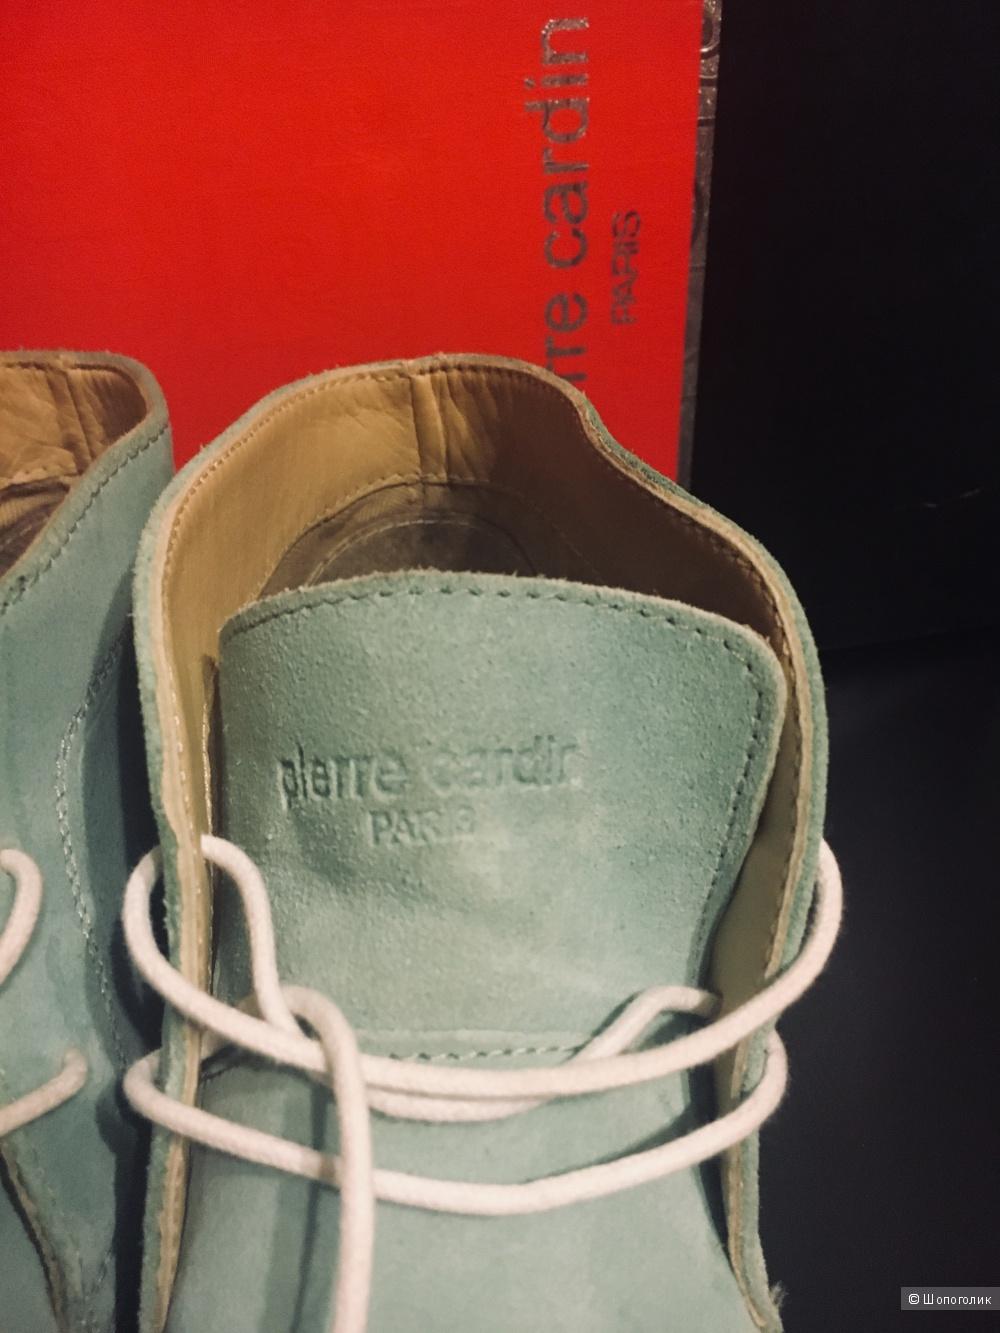 Ботинки Pierre Cardin 36 размера